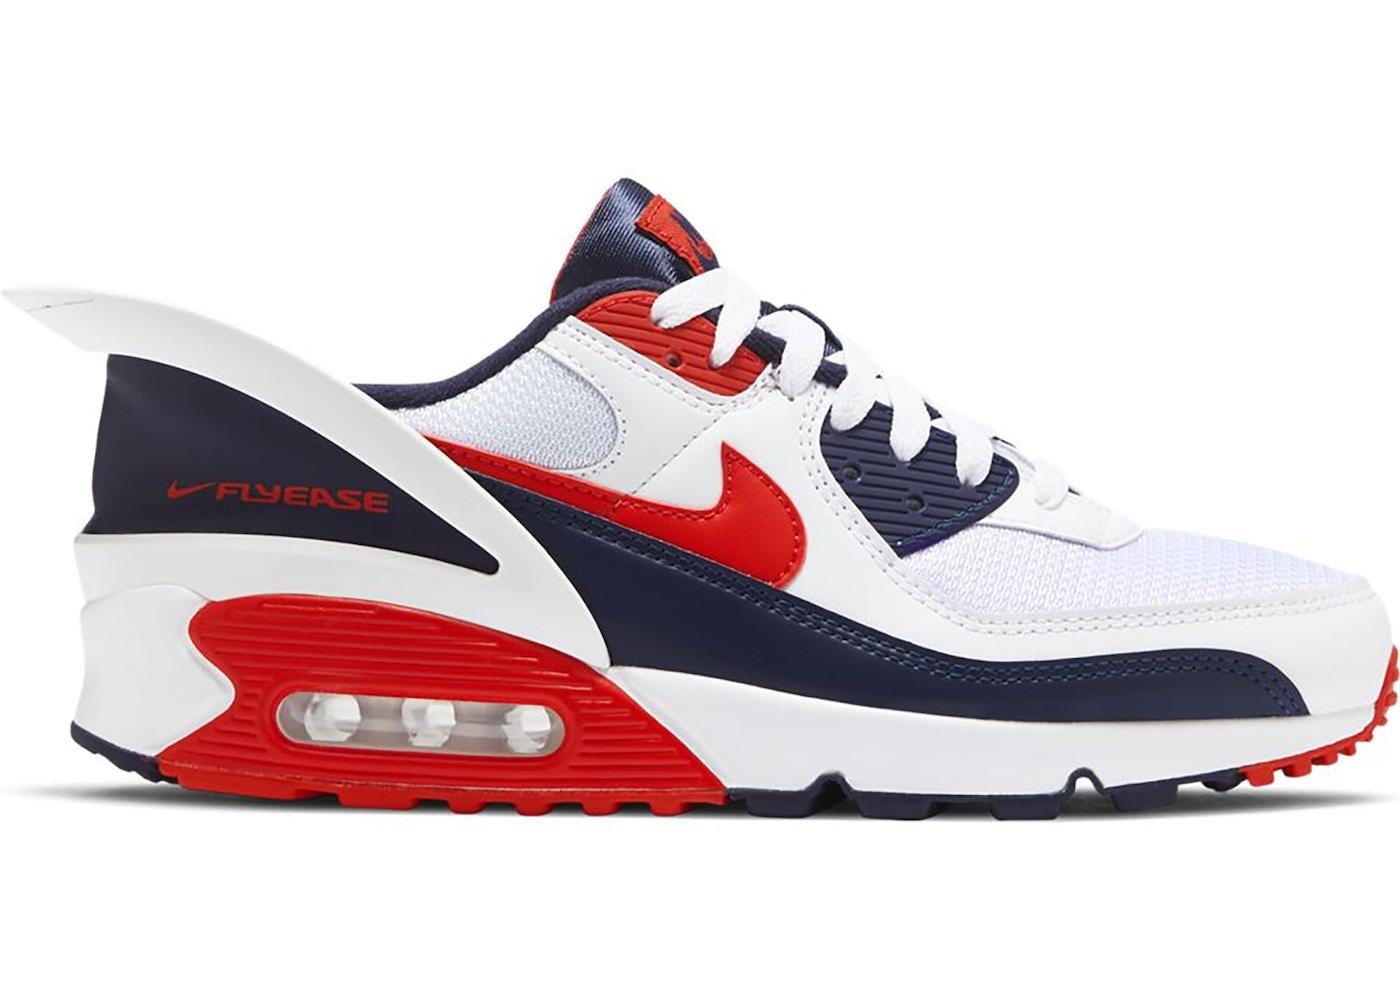 Nike Air Max 90 Flyease USA (2020) - CU0814-104